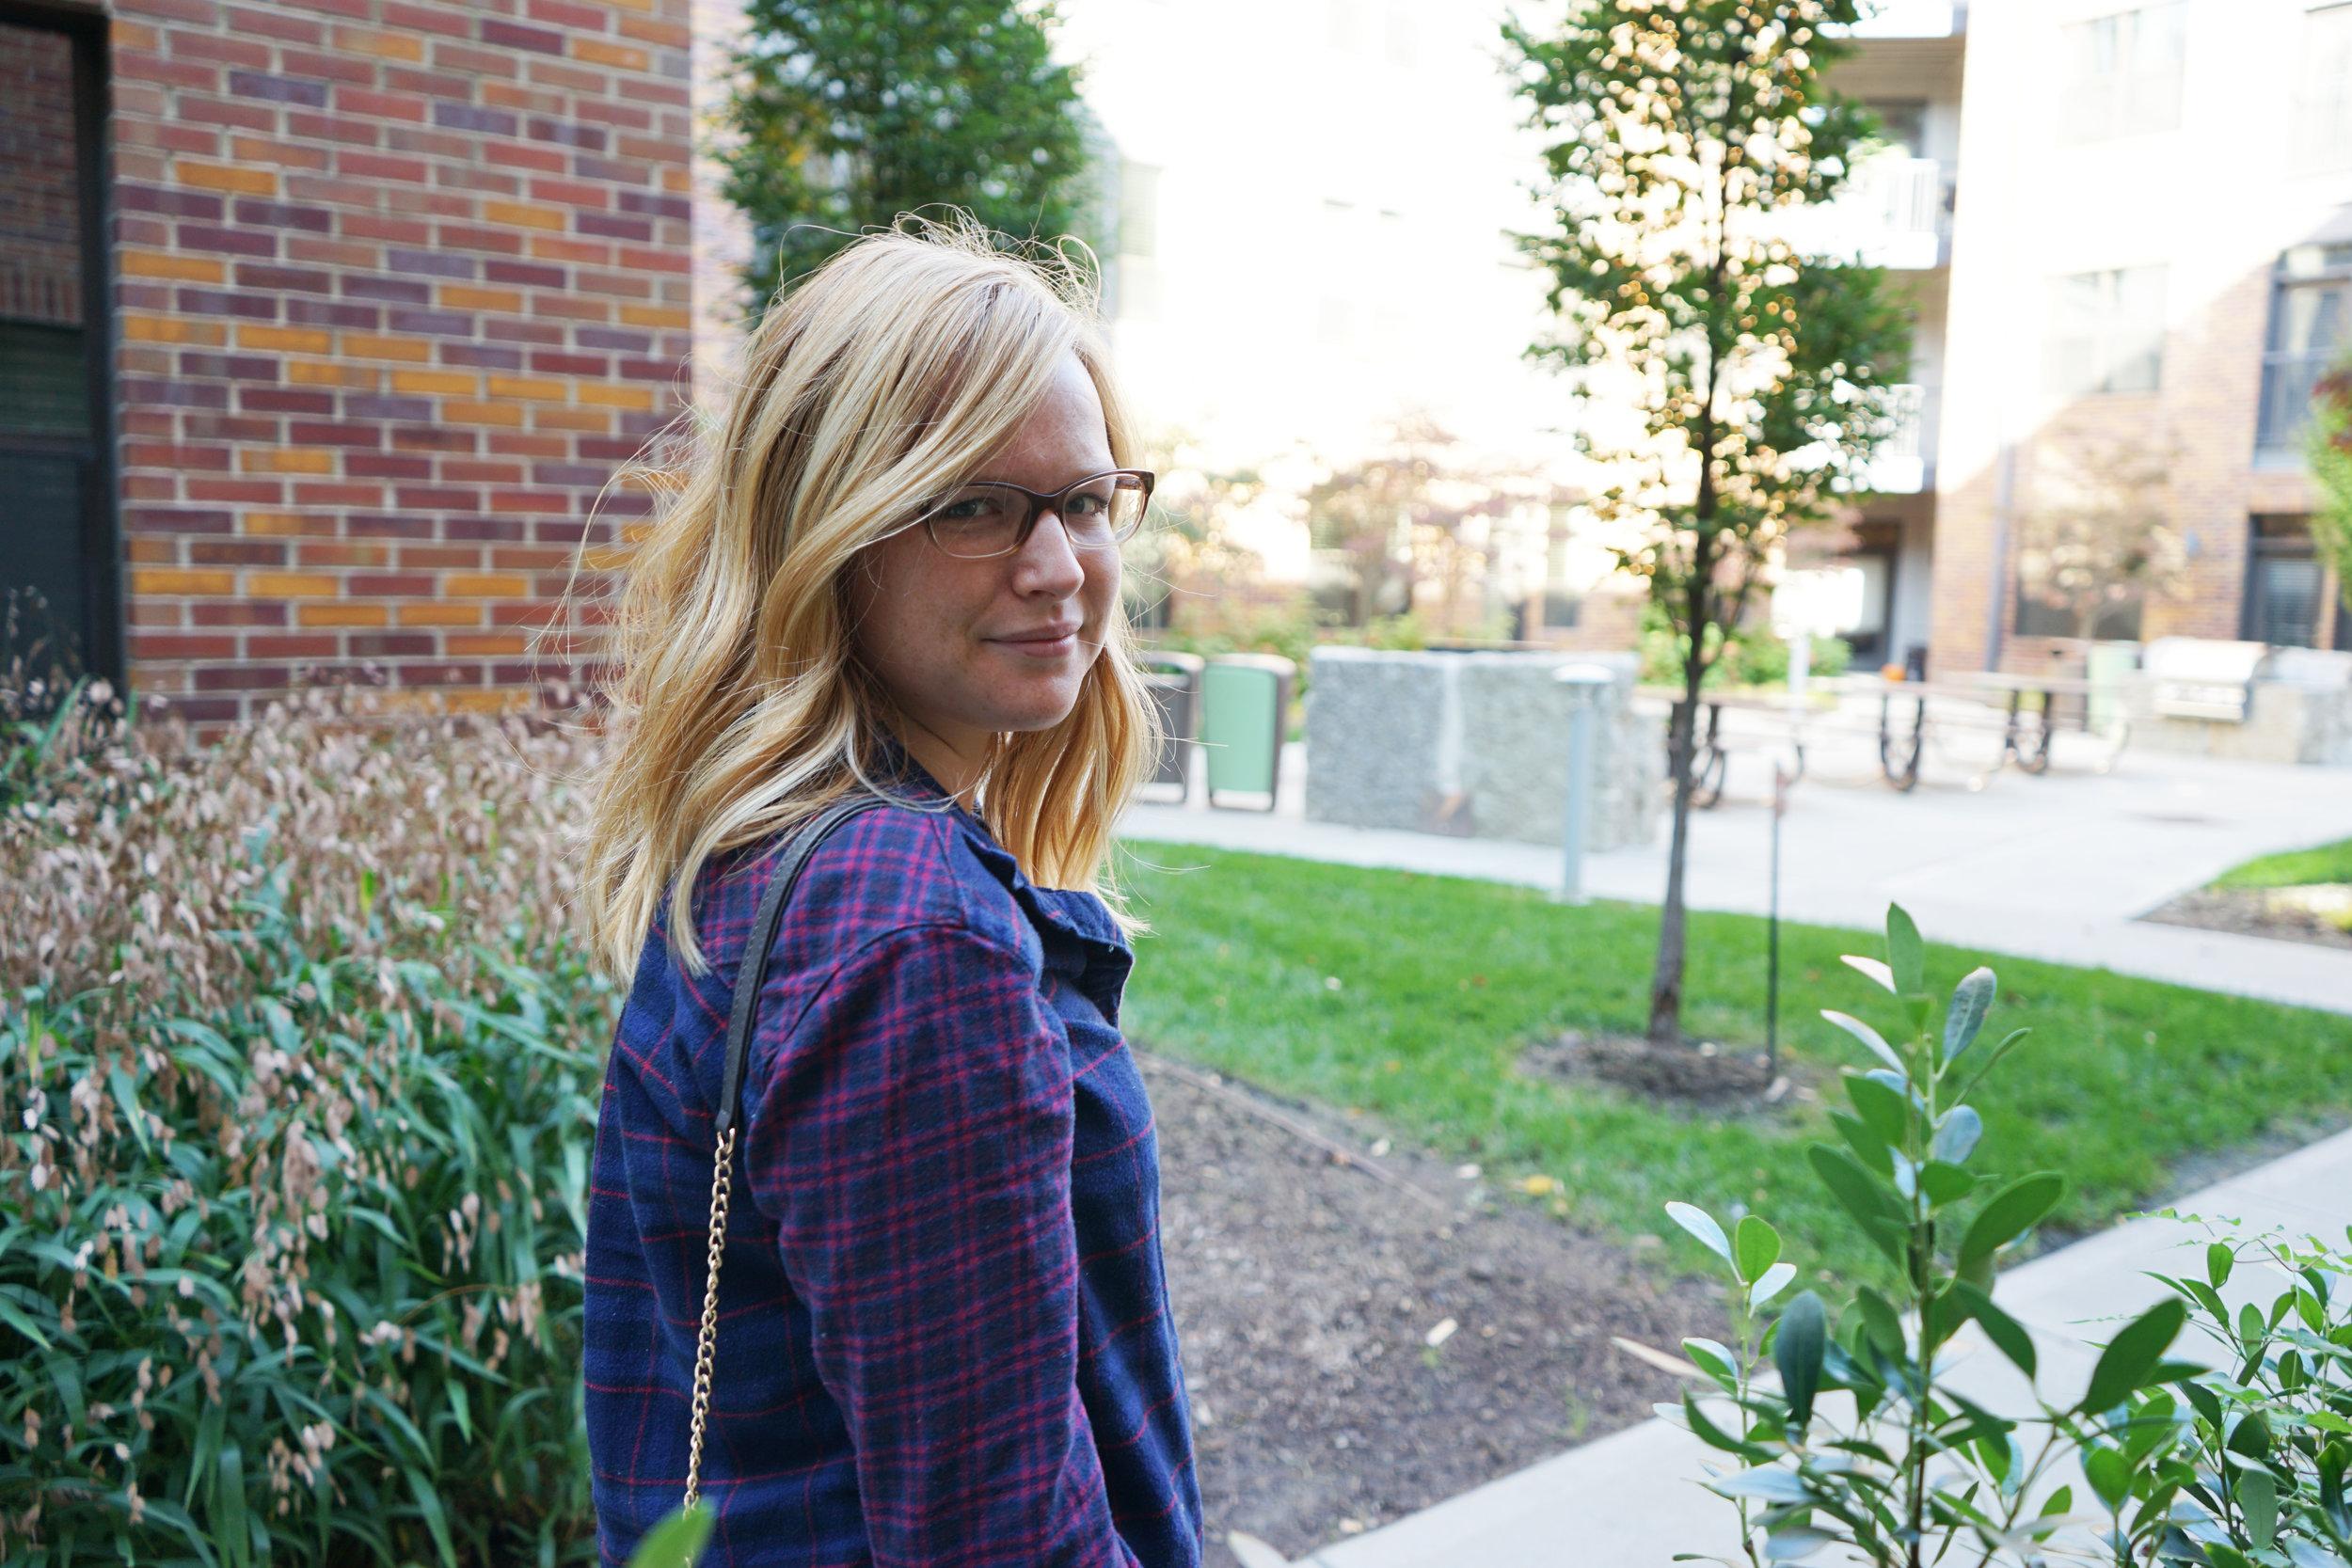 Maggie a la Mode - Dressing in Fall When it Doesn't Feel Like Fall 4.JPG